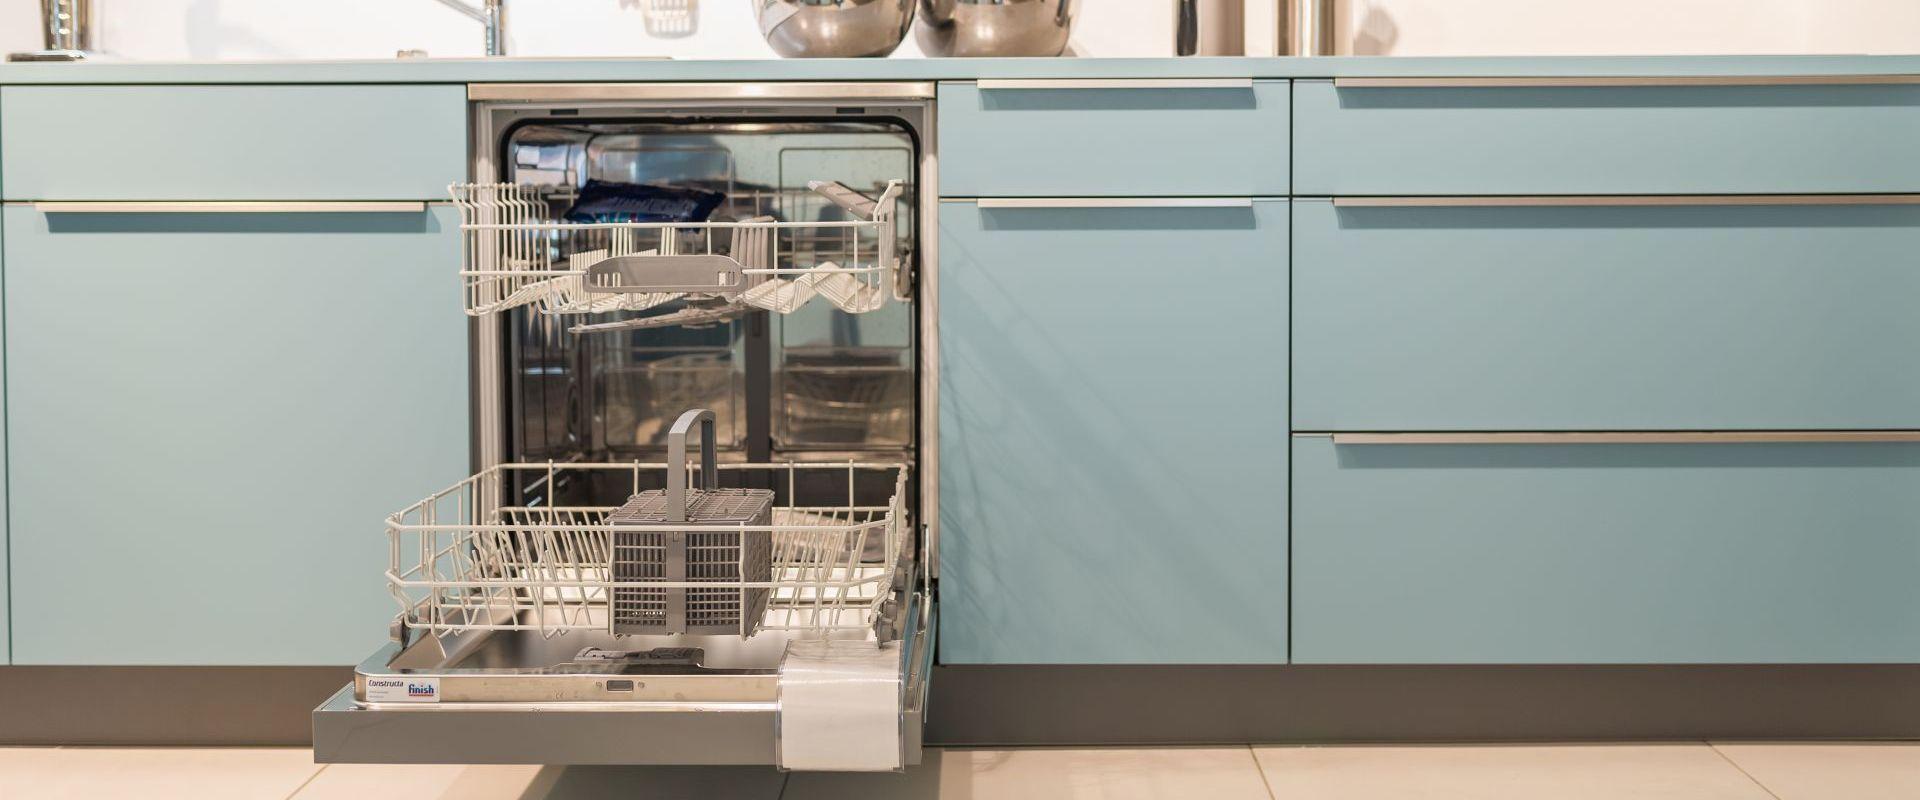 Hochwertige Elektrogeräte machen eine gute Küche komplett - spilger.de